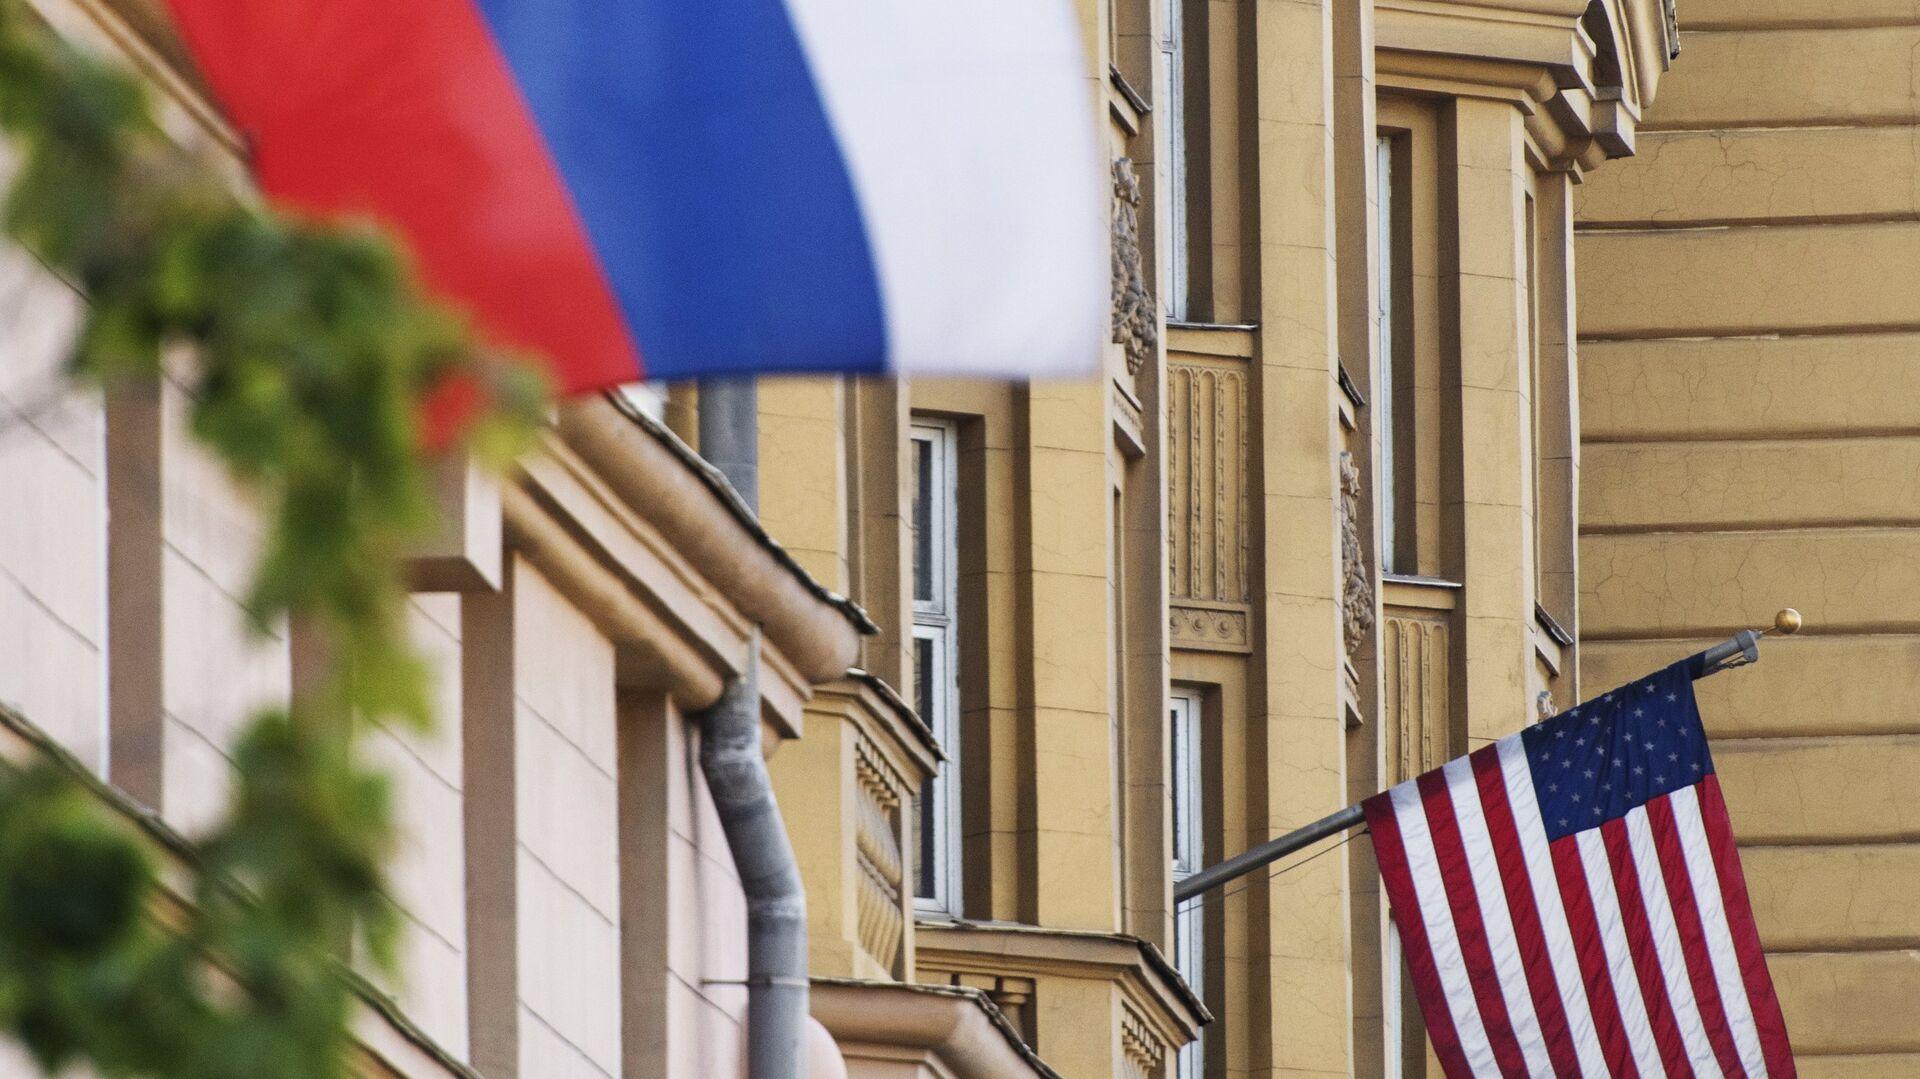 Флаги России и США на здании американского посольства в Москве - РИА Новости, 1920, 23.02.2021